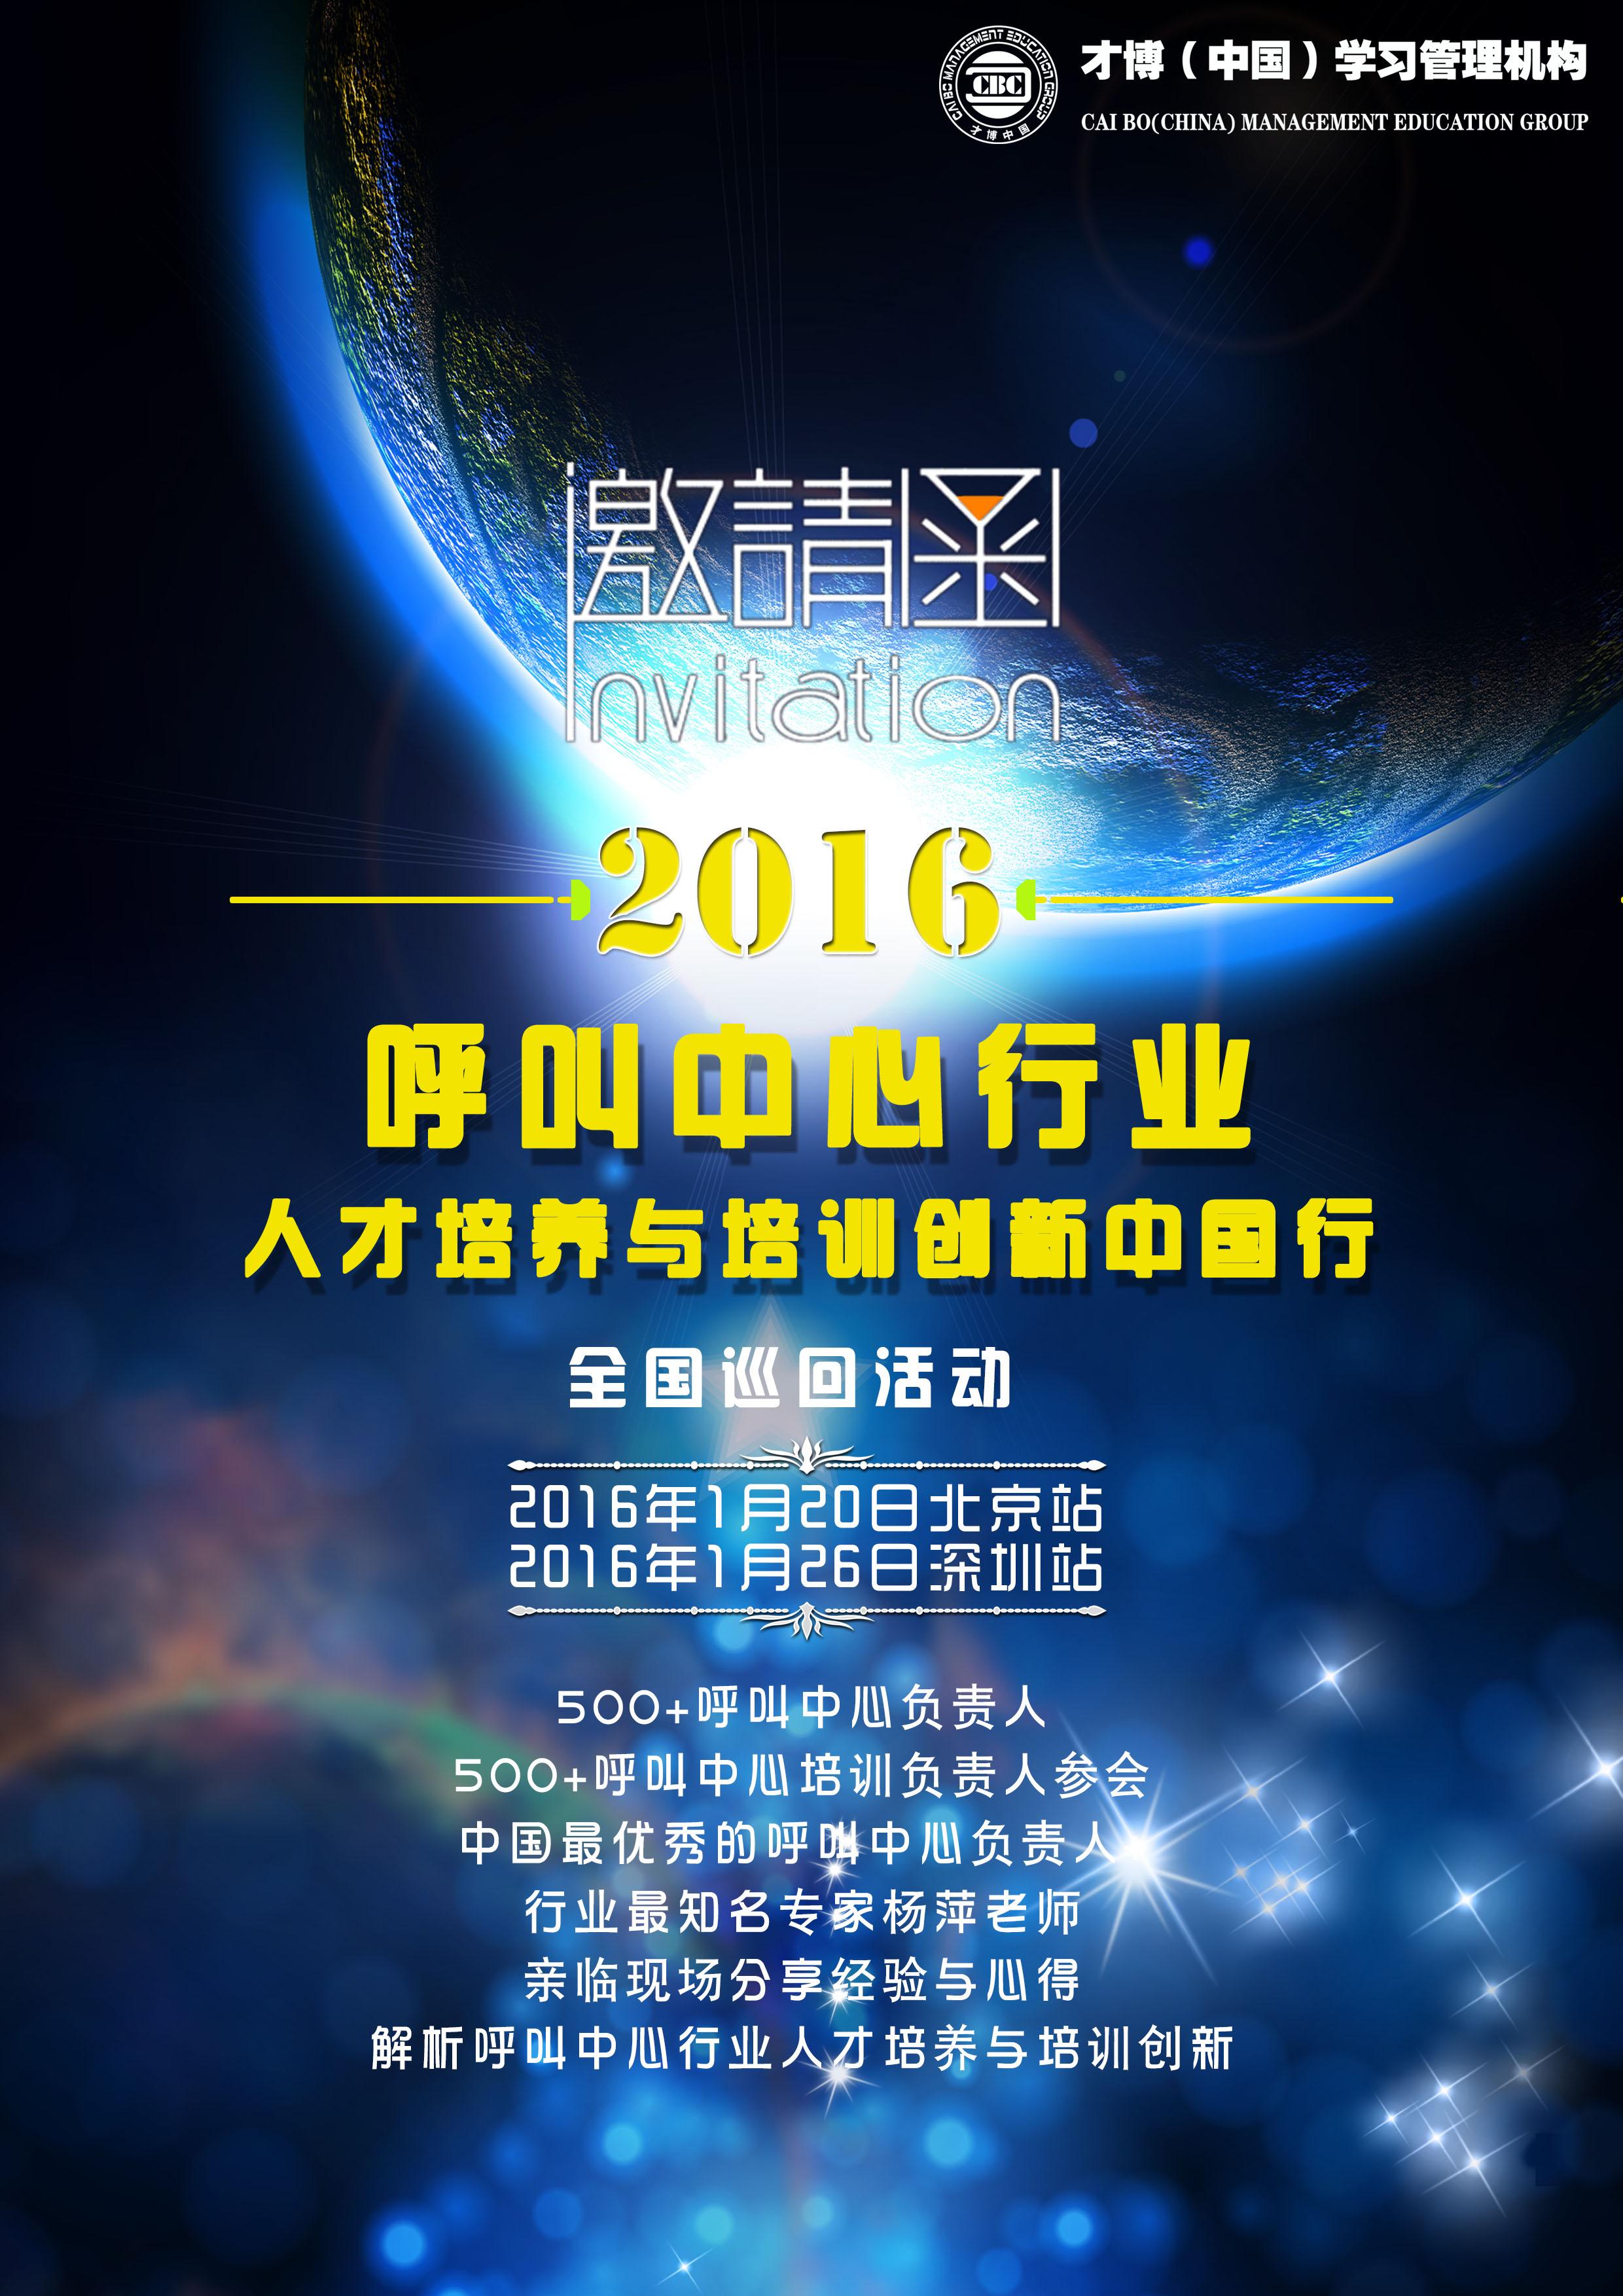 2016年呼叫中心行业人才培养与培训创新中国行全国巡回活动